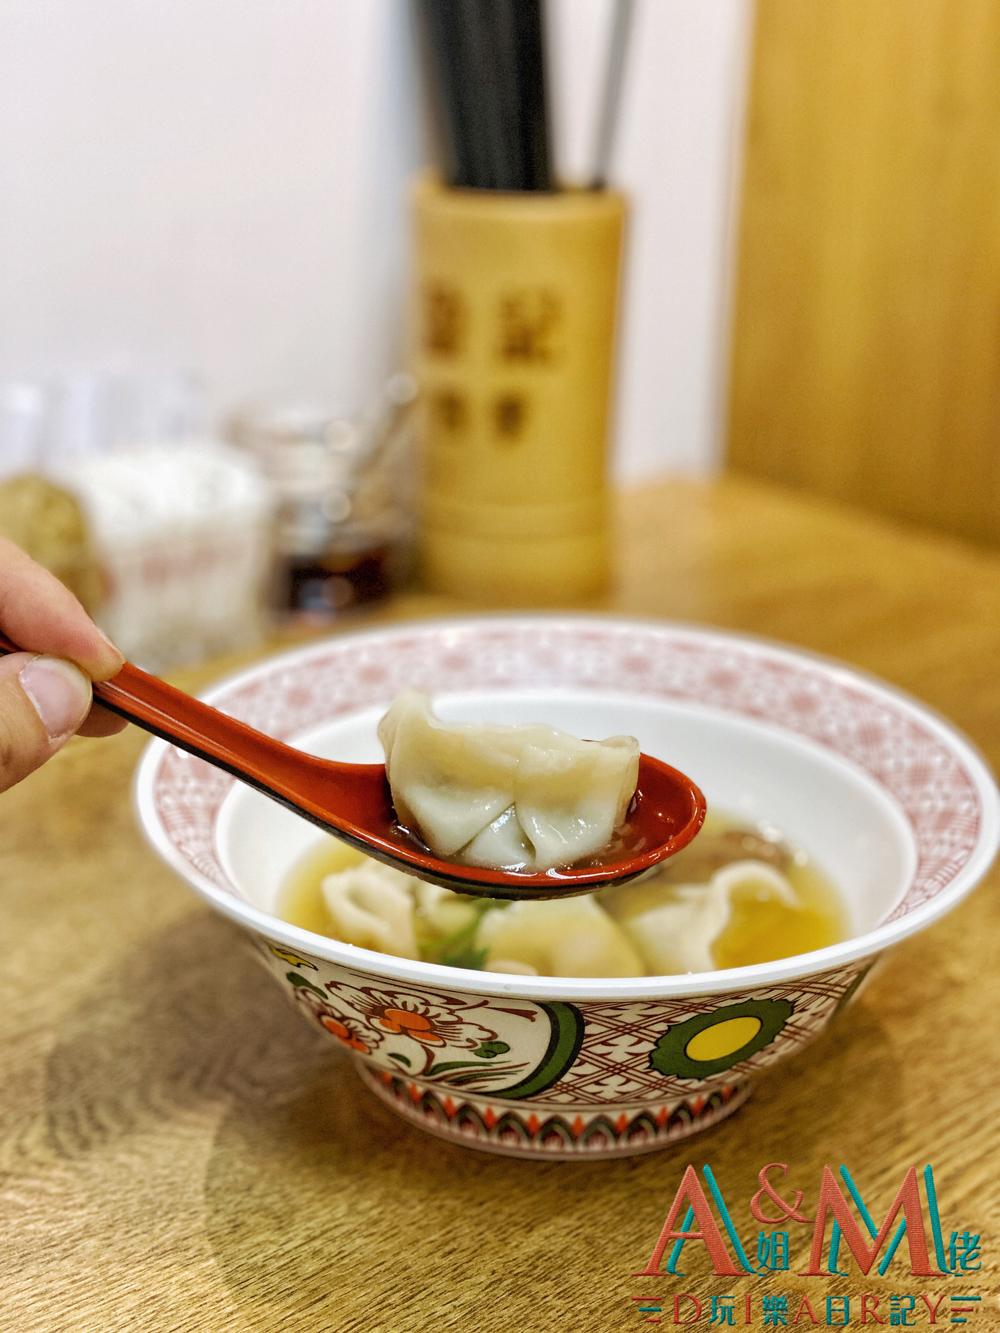 〈好食〉灣仔藥膳雞湯米線 盈記四季養生麵館